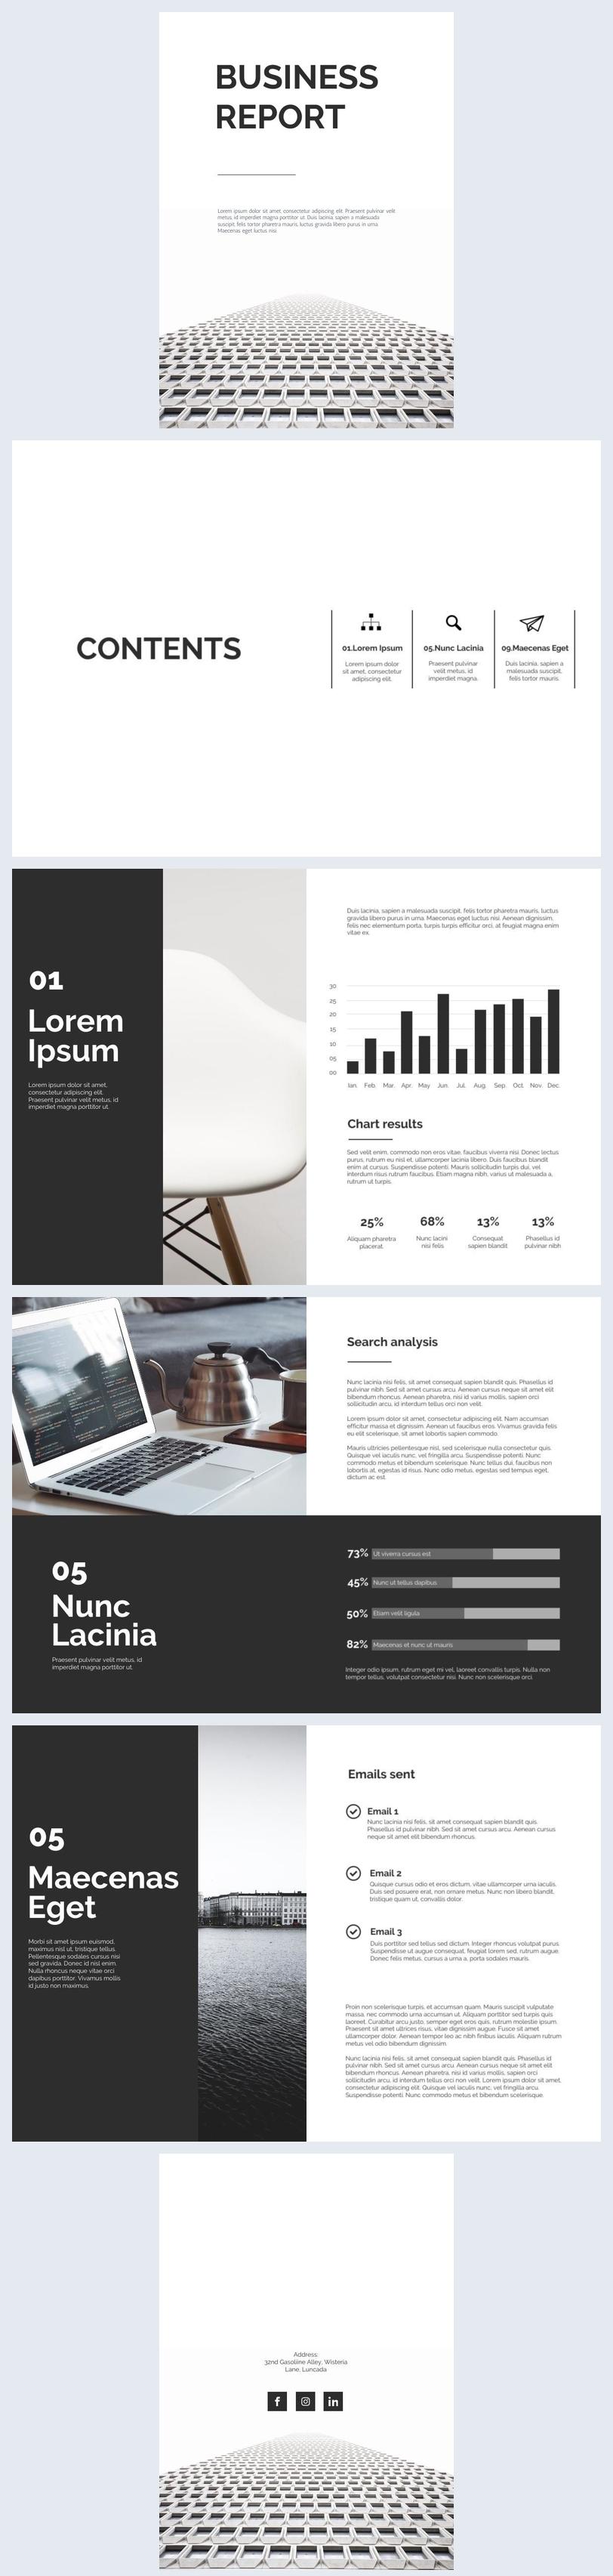 Black & White Business Report Design